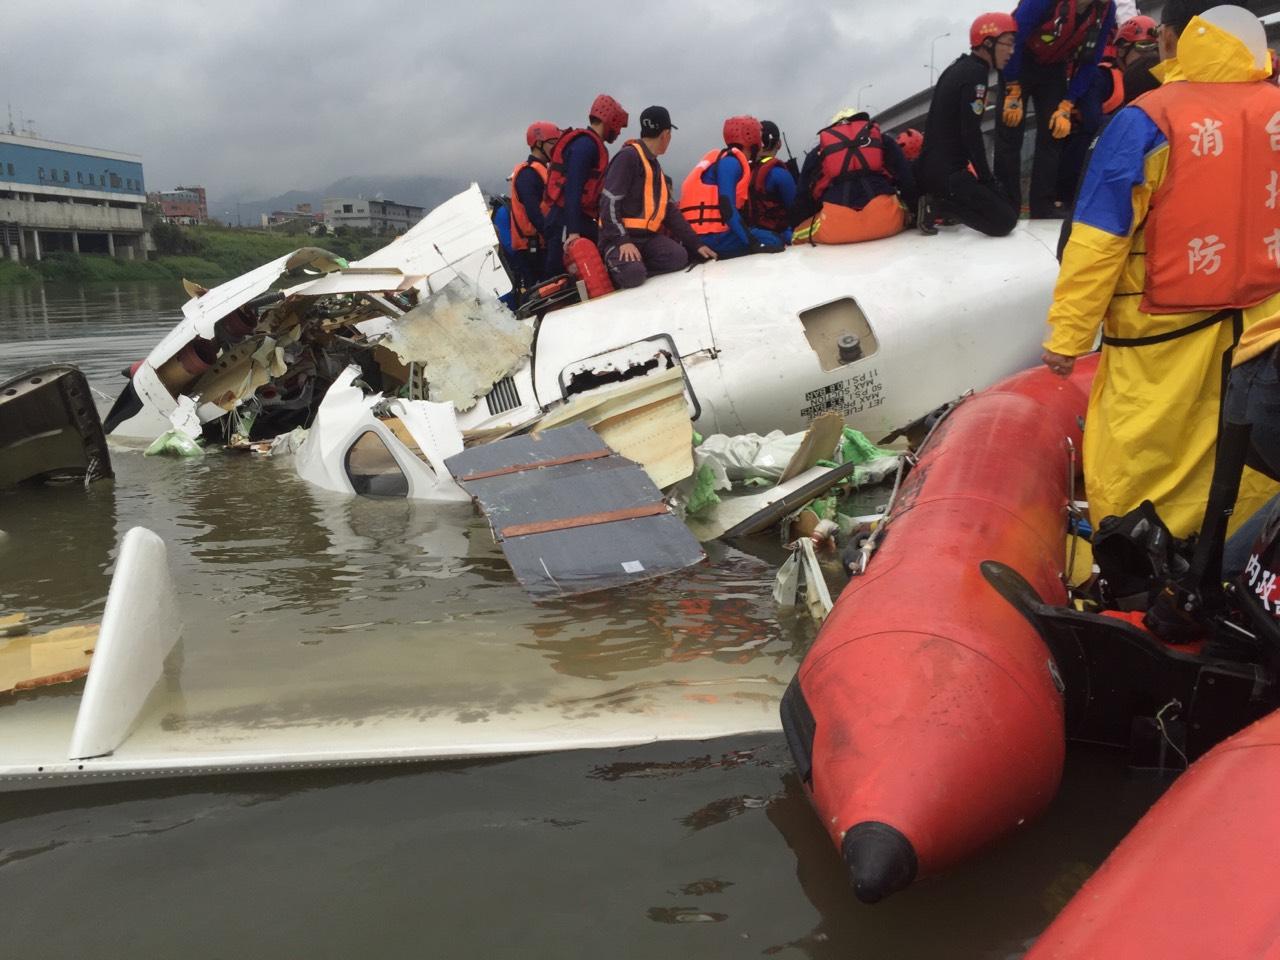 復興航空空難發生時,救生隊員也前往救災。(圖片來源/新店義消救生分隊)